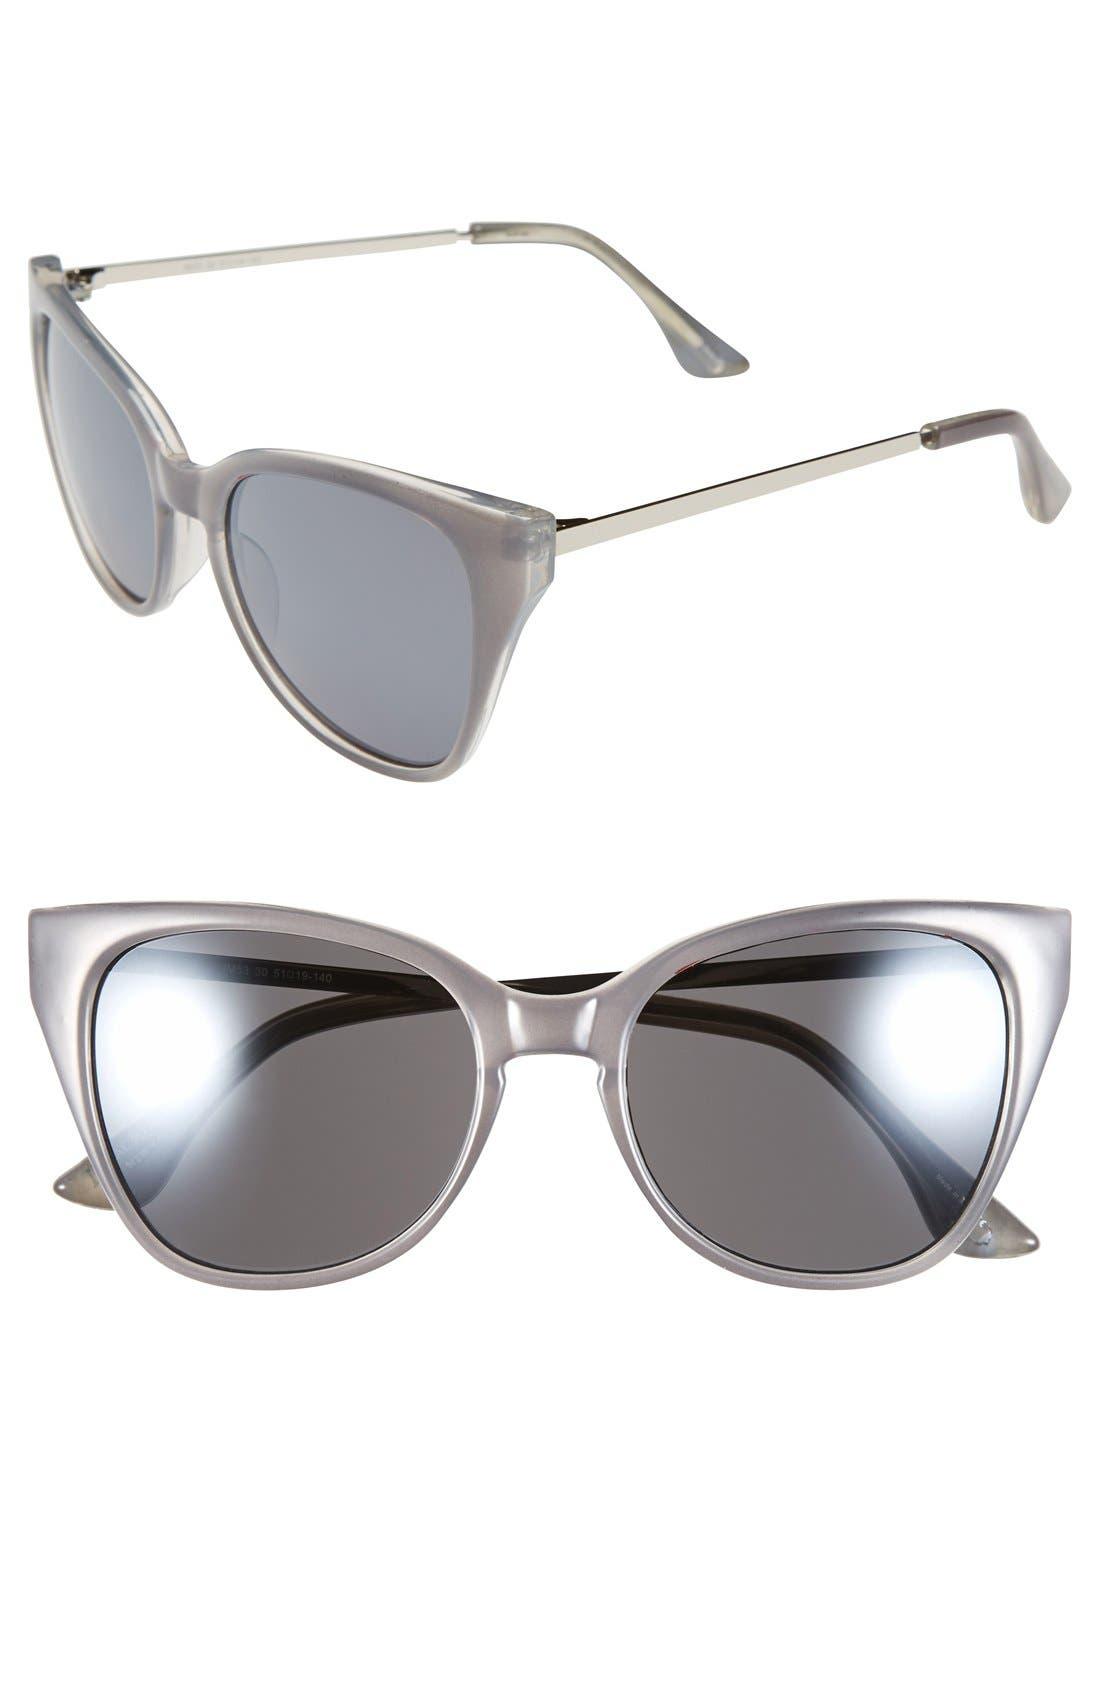 Main Image - Isaac Mizrahi New York 51mm Retro Sunglasses